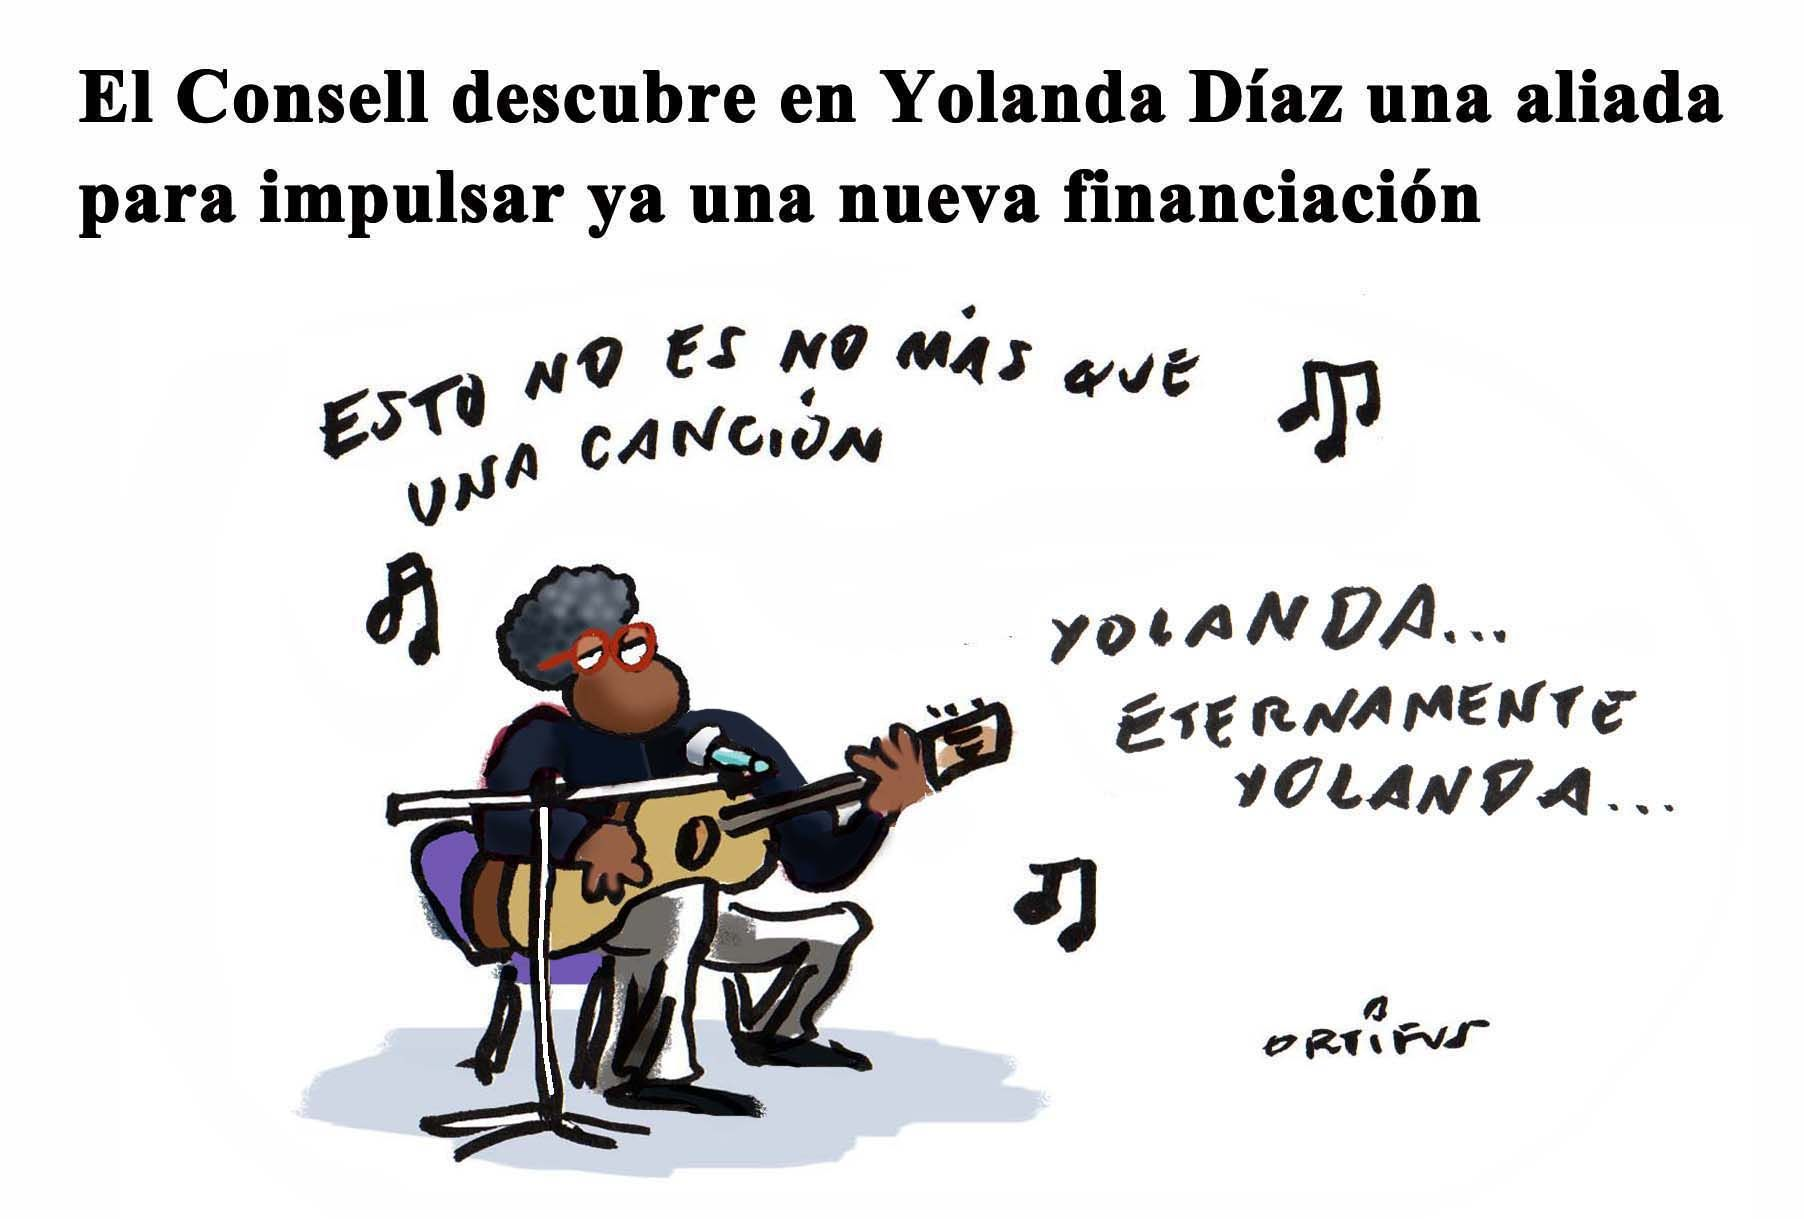 El Consell descubre en Yolanda Díaz una aliada para impulsar ya una nueva financiación